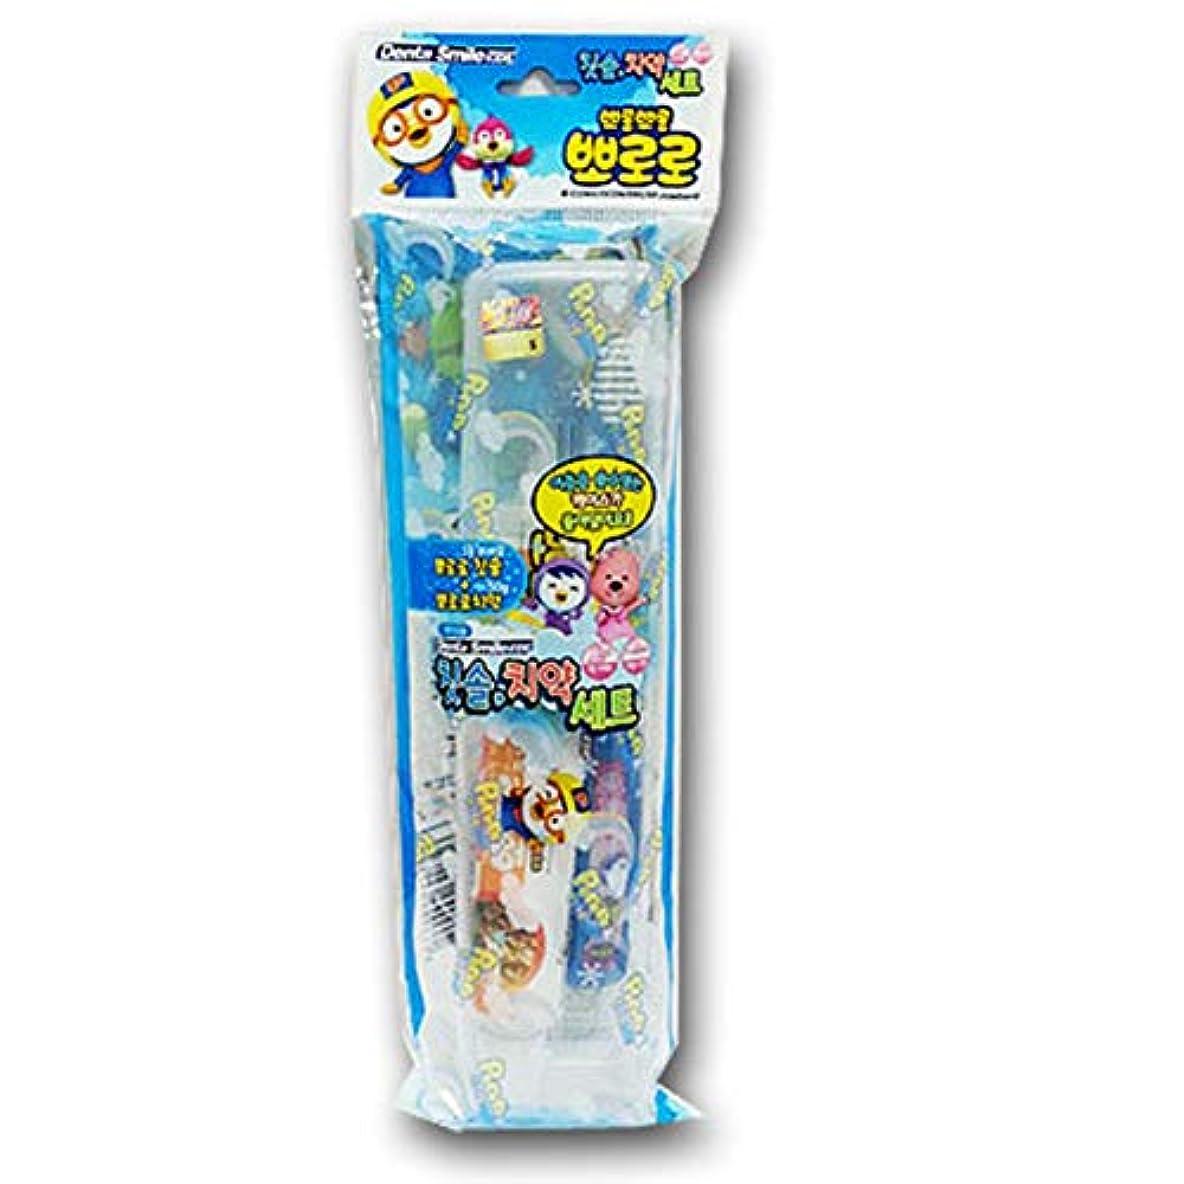 愛国的なダブルありがたいPororo&Friendsポータブル歯磨き粉歯ブラシセットパイナップル香50g.